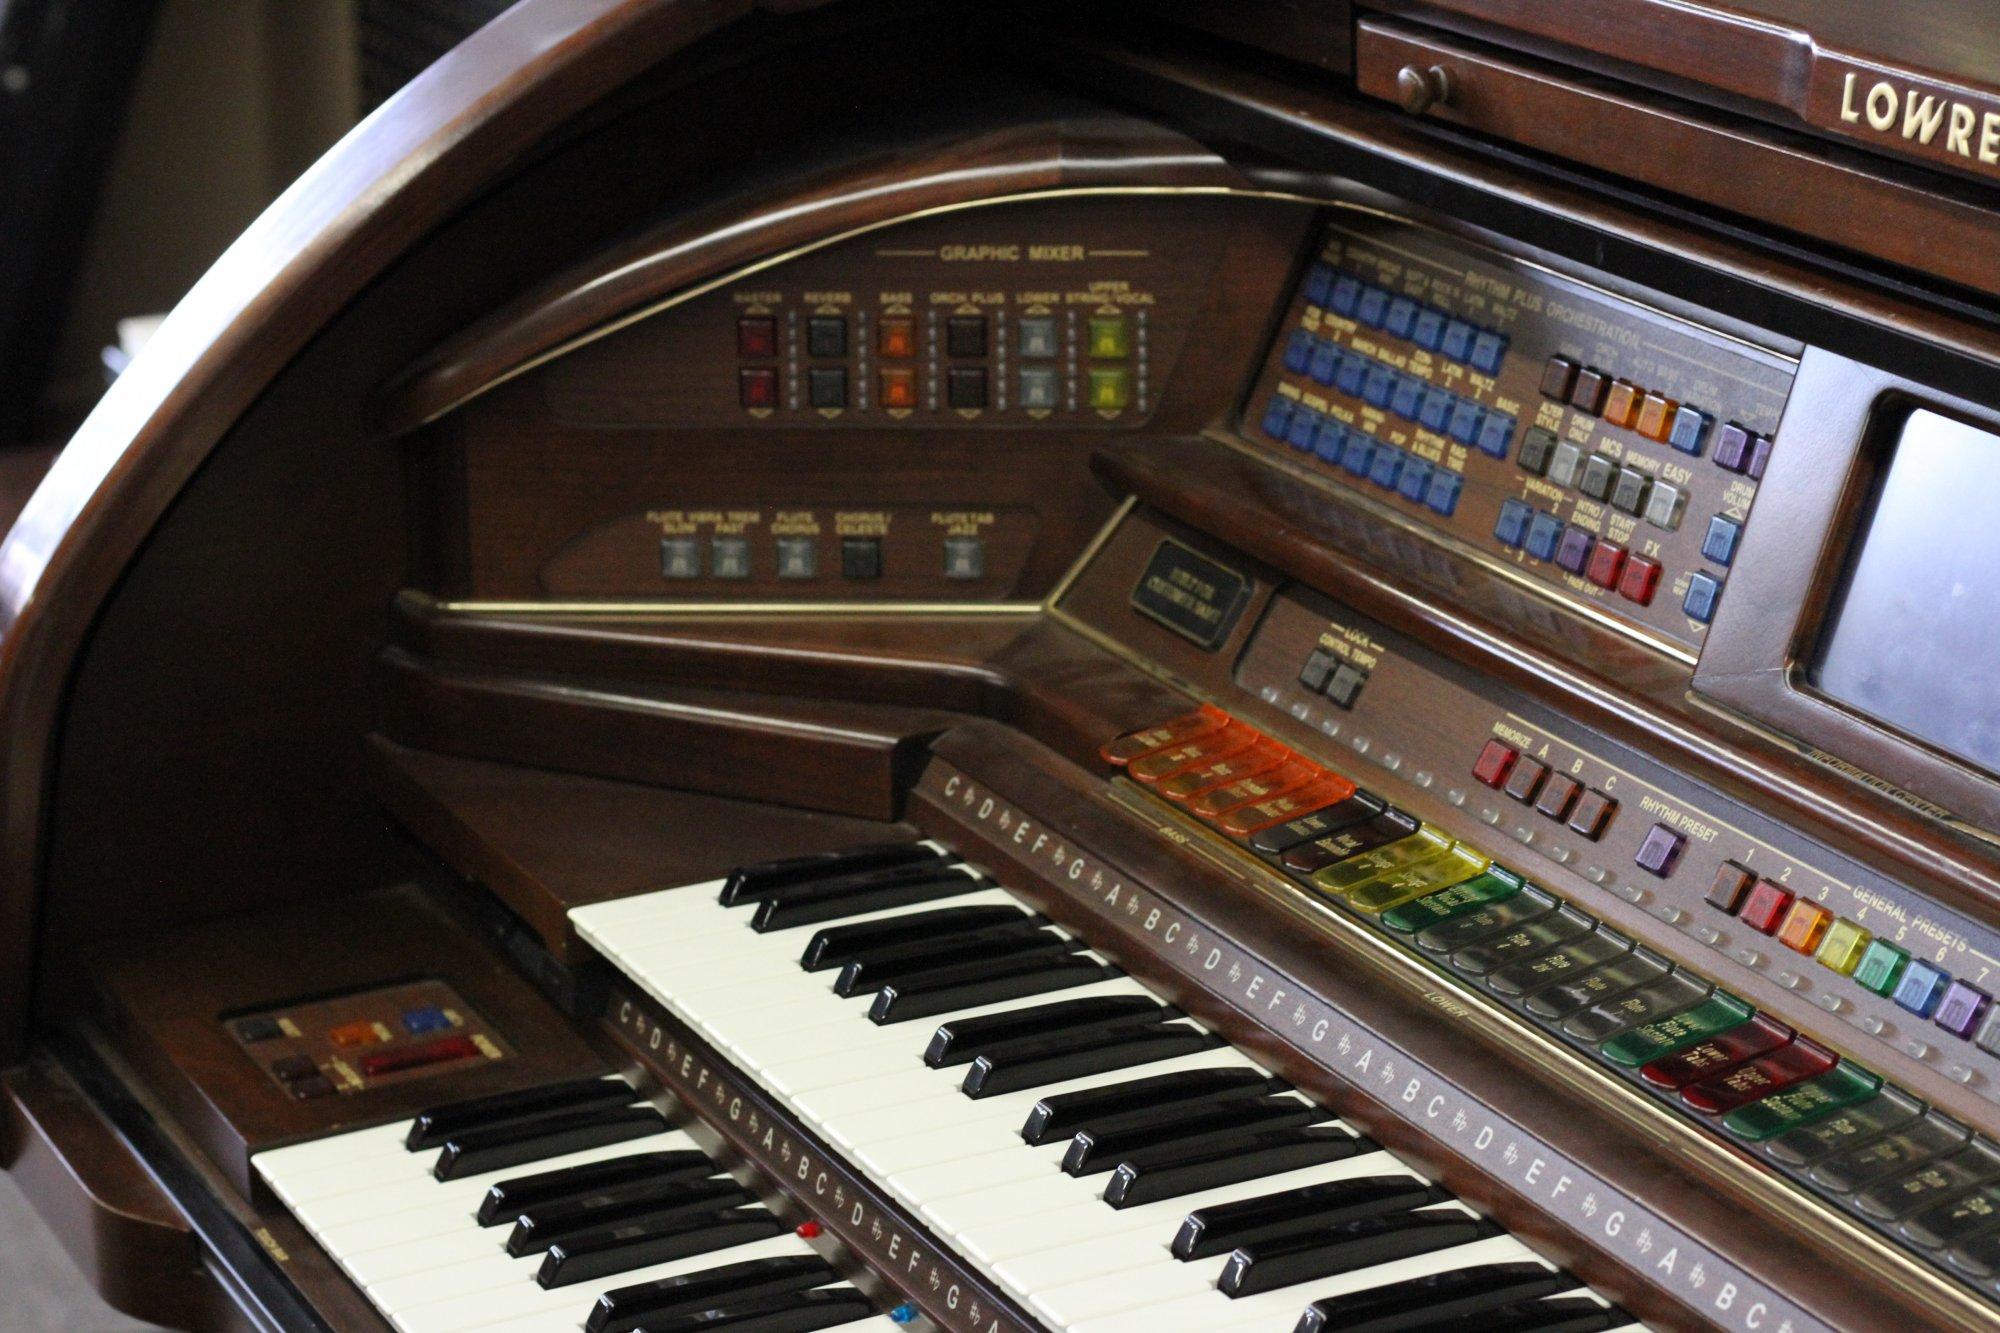 Lowrey Rhapsody Organ